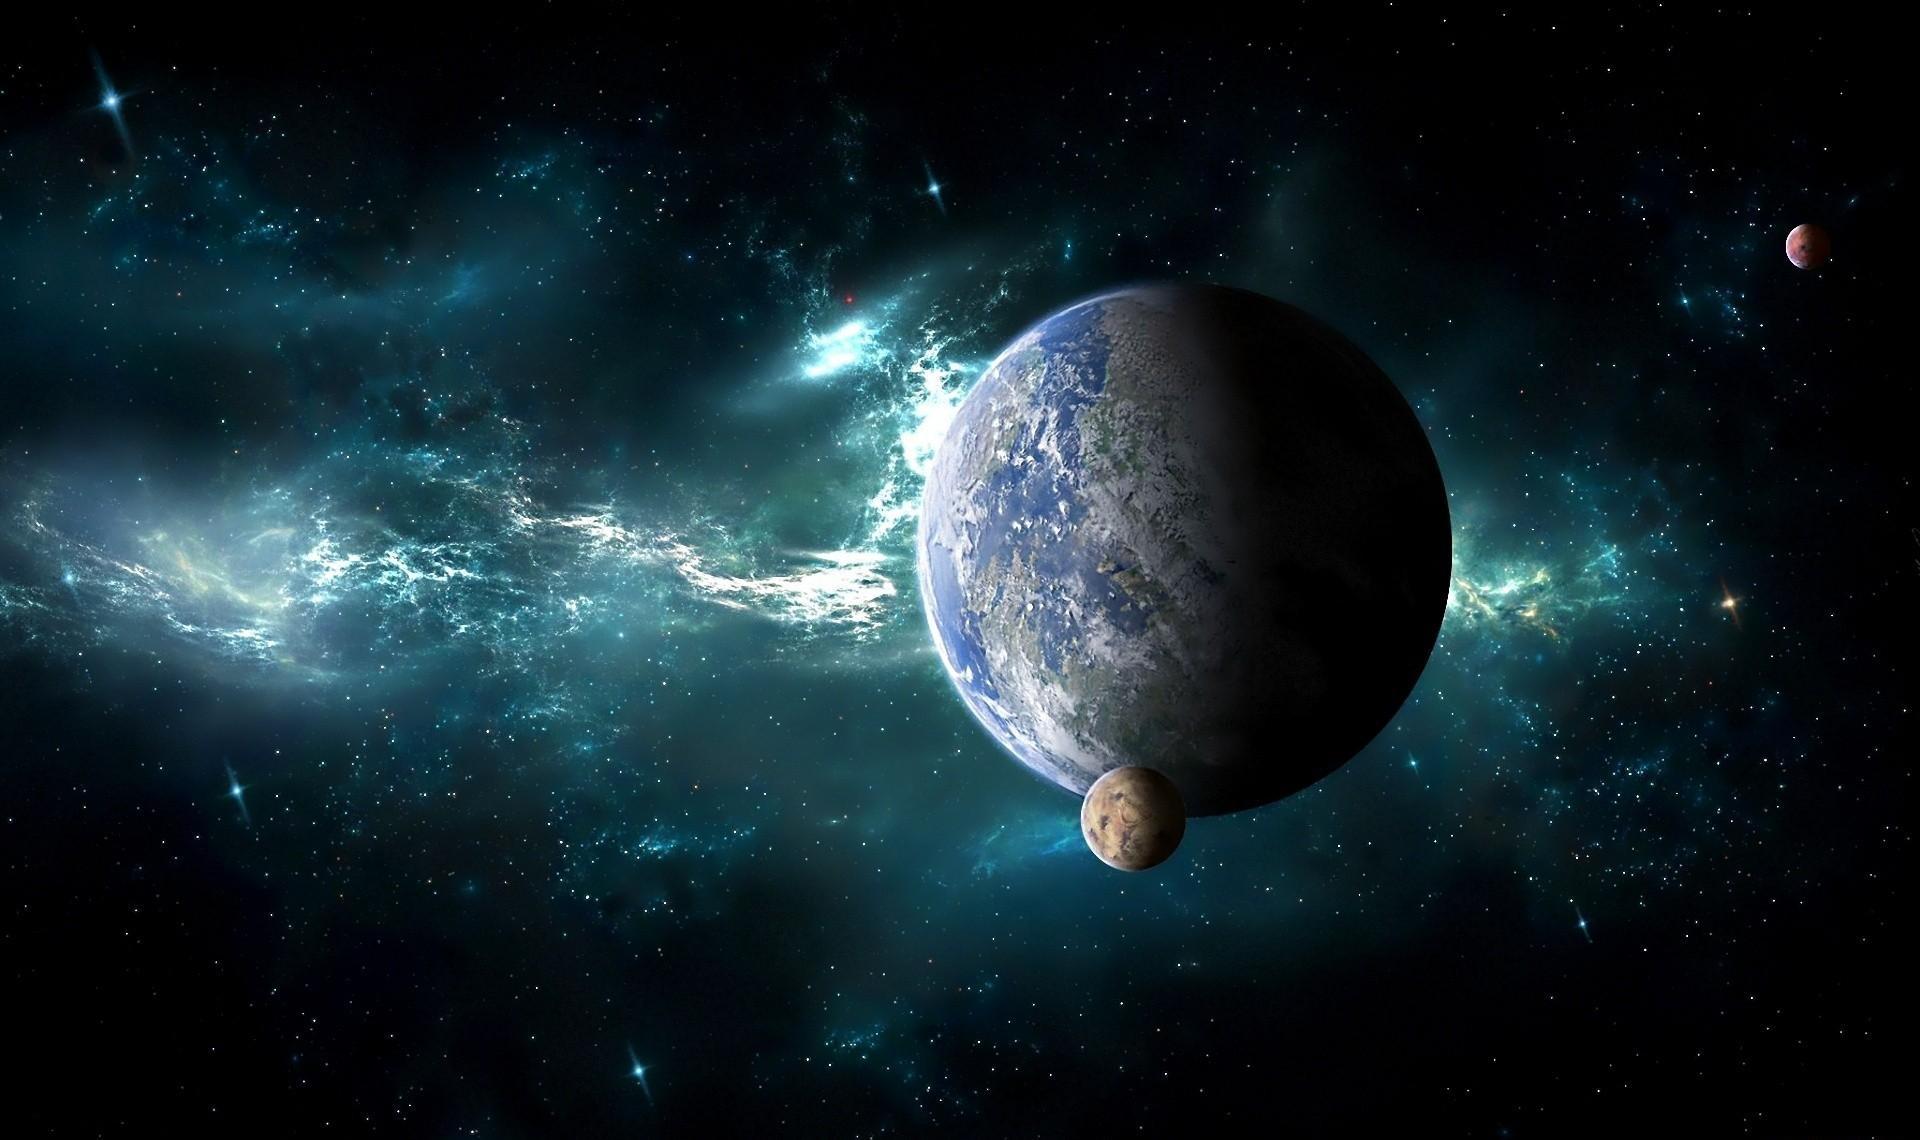 53296 Заставки и Обои Космос на телефон. Скачать Космос, Туманность, Планета, Спутник картинки бесплатно